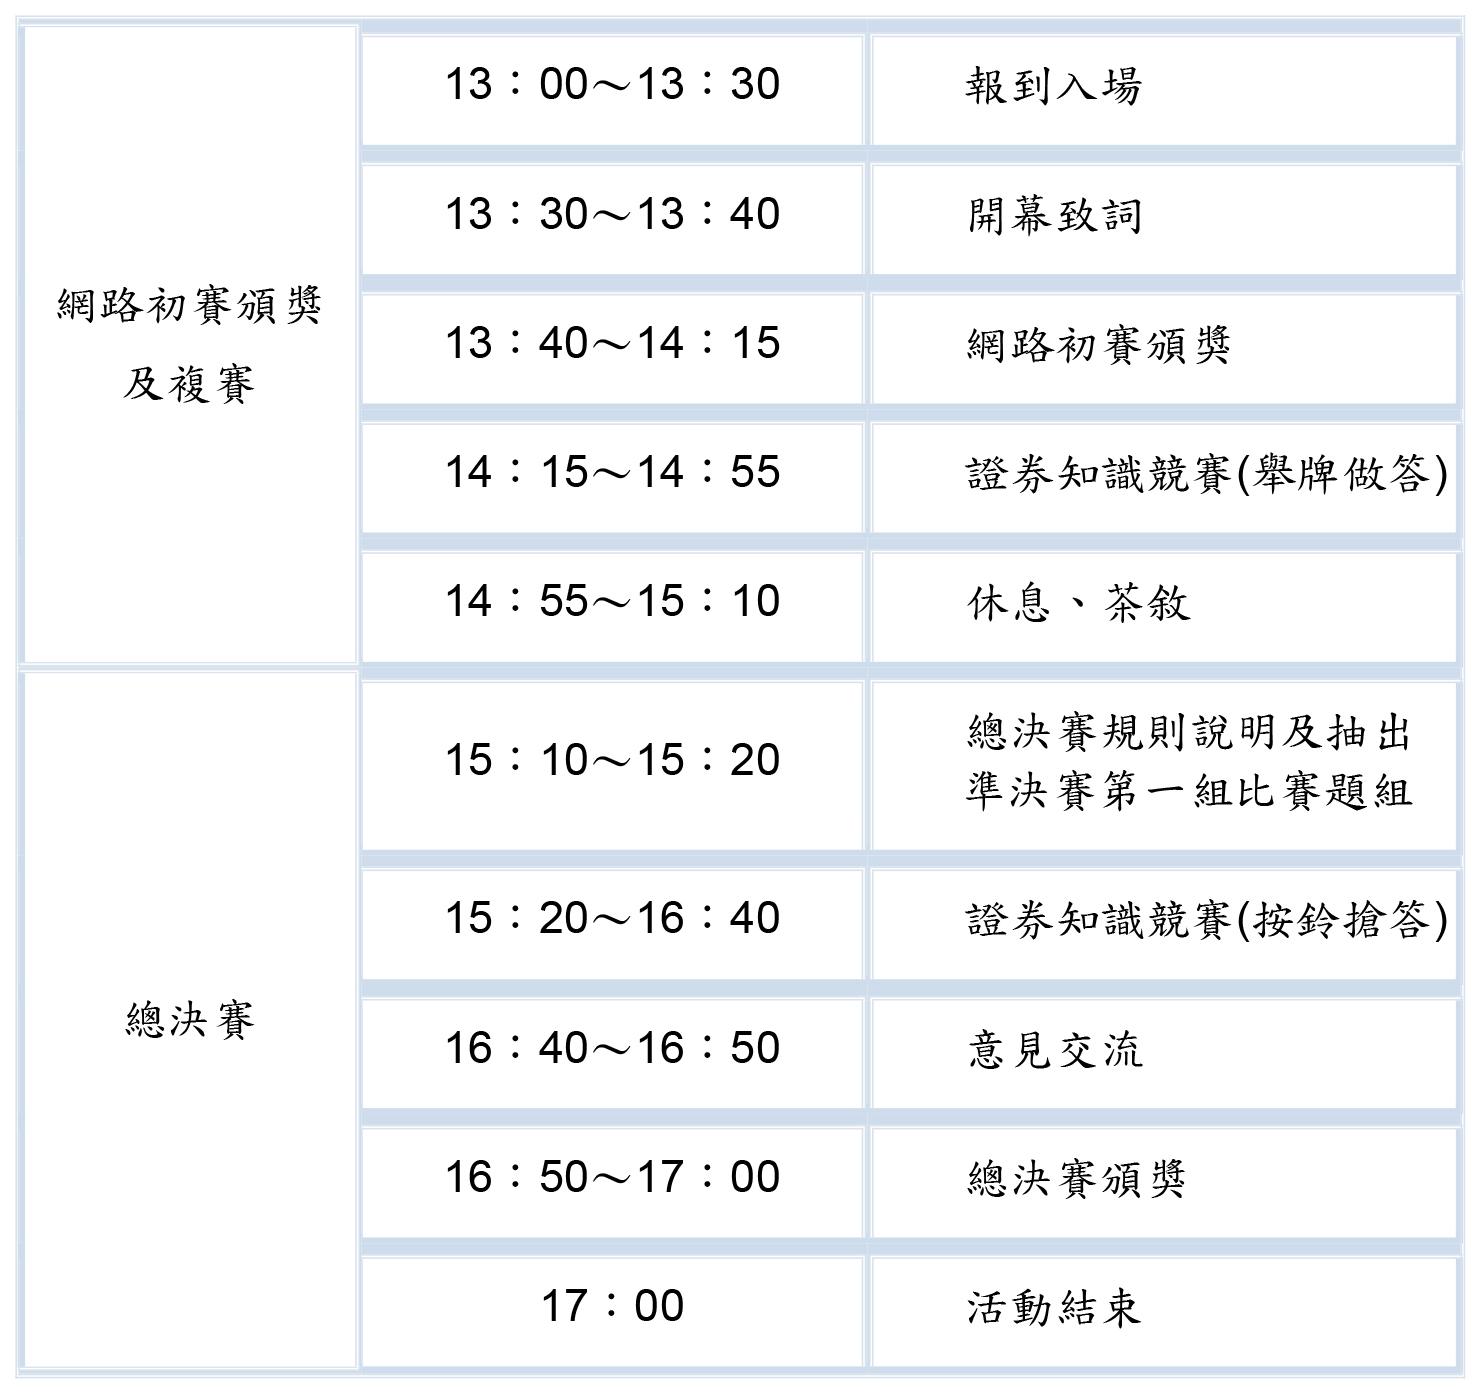 網路初賽頒獎 及複賽 13:00~13:30 報到入場 13:30~13:40 開幕致詞 13:40~14:15 網路初賽頒獎 14:15~14:55 證券知識競賽(舉牌做答) 14:55~15:10 休息、茶敘 總決賽 15:10~15:20 總決賽規則說明及抽出 準決賽第一組比賽題組 15:20~16:40 證券知識競賽(按鈴搶答) 16:40~16:50 意見交流 16:50~17:00 總決賽頒獎 17:00 活動結束